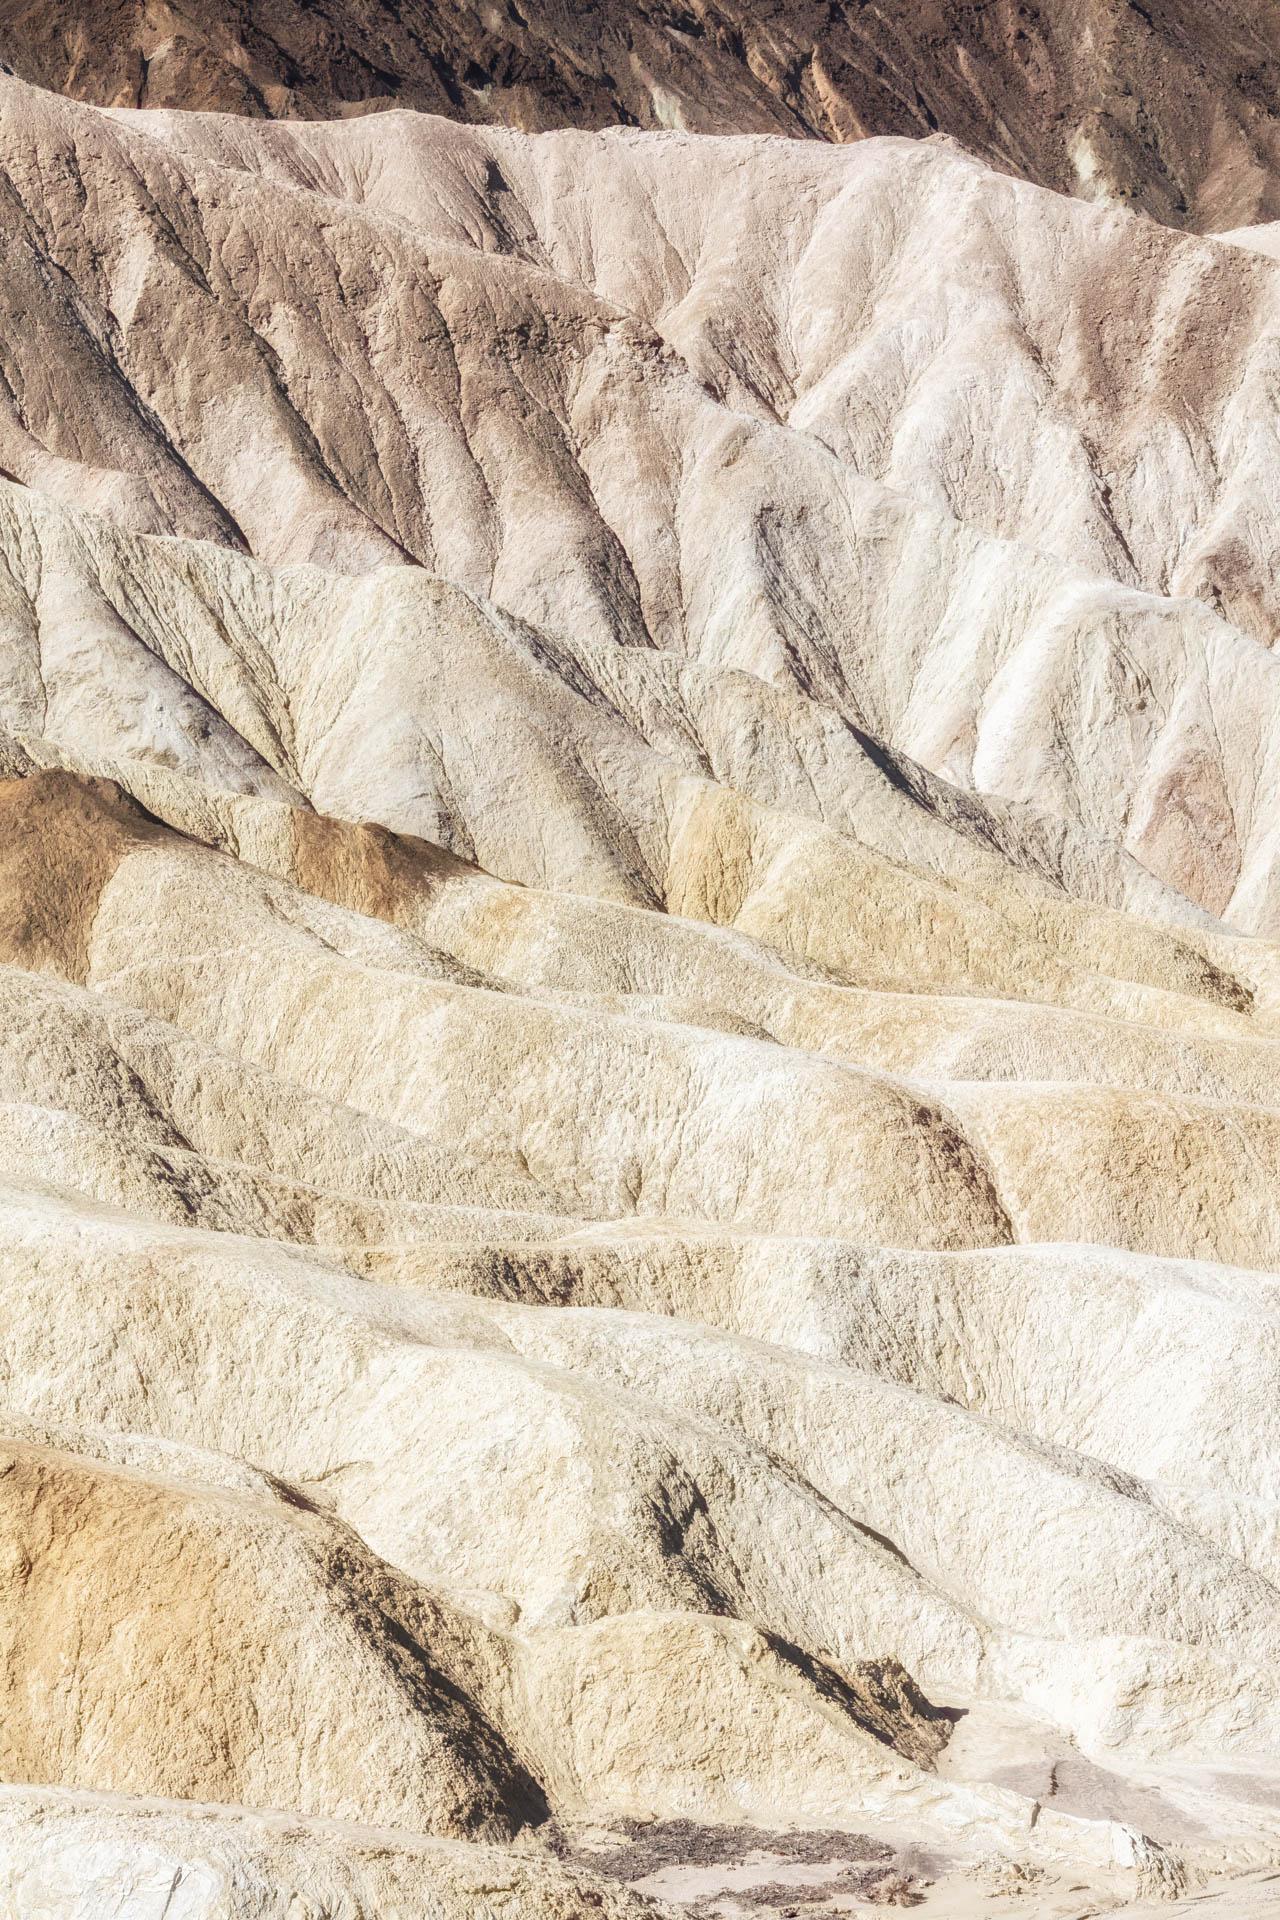 LDKphoto - Death Valley - 06.jpg